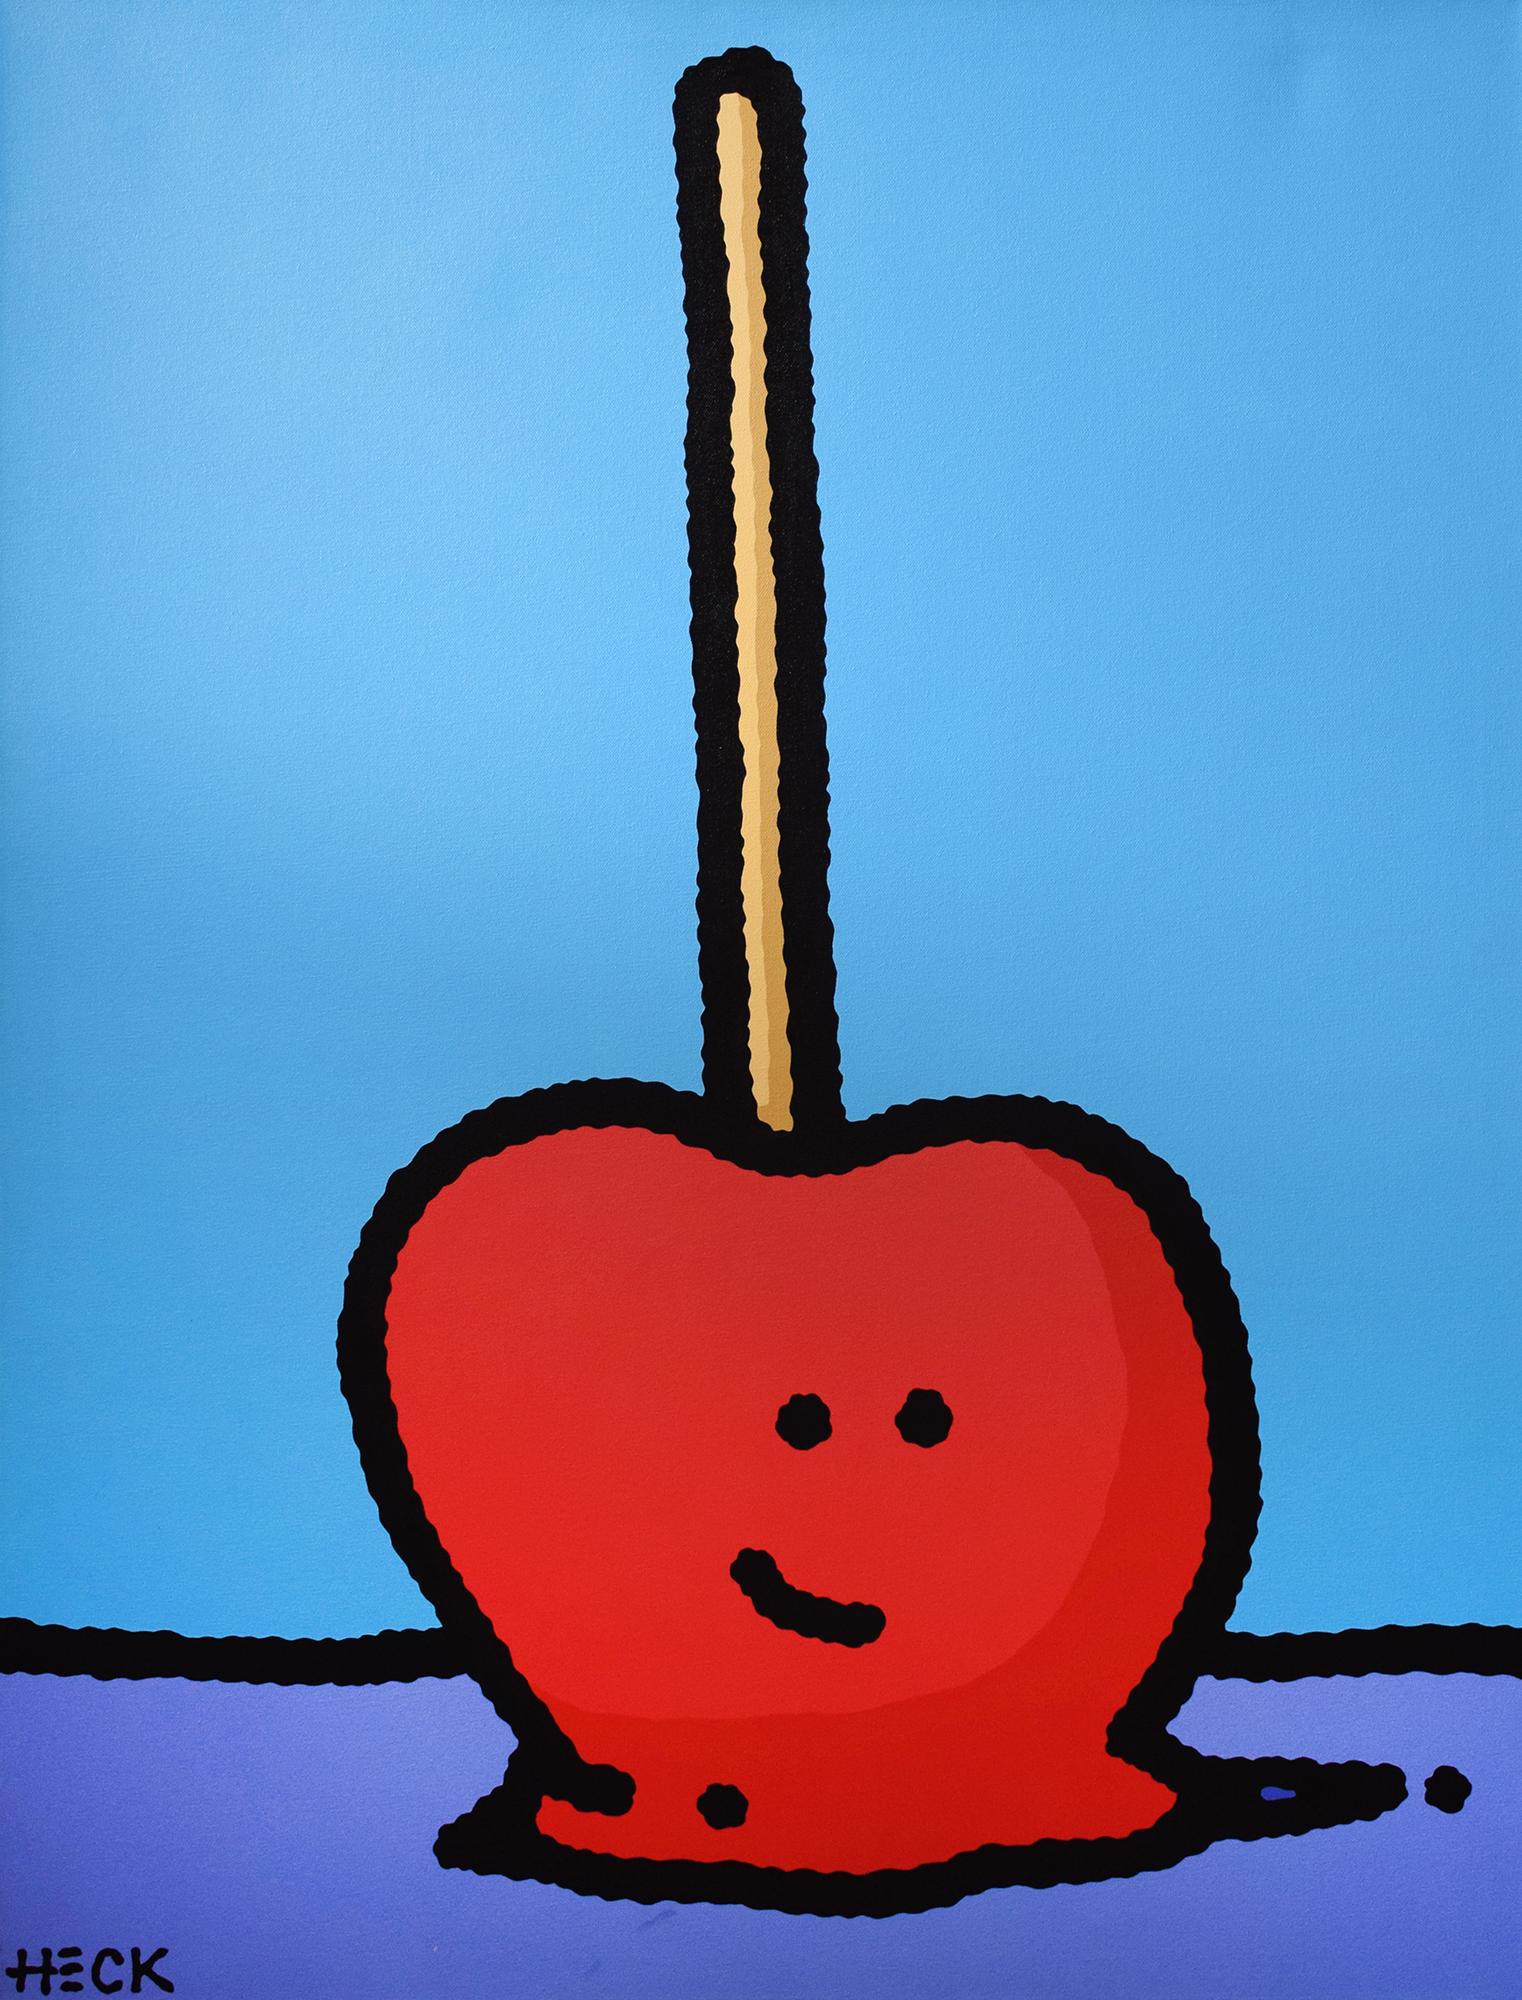 Ed Heck - Candy Apple III , 6575-006-173